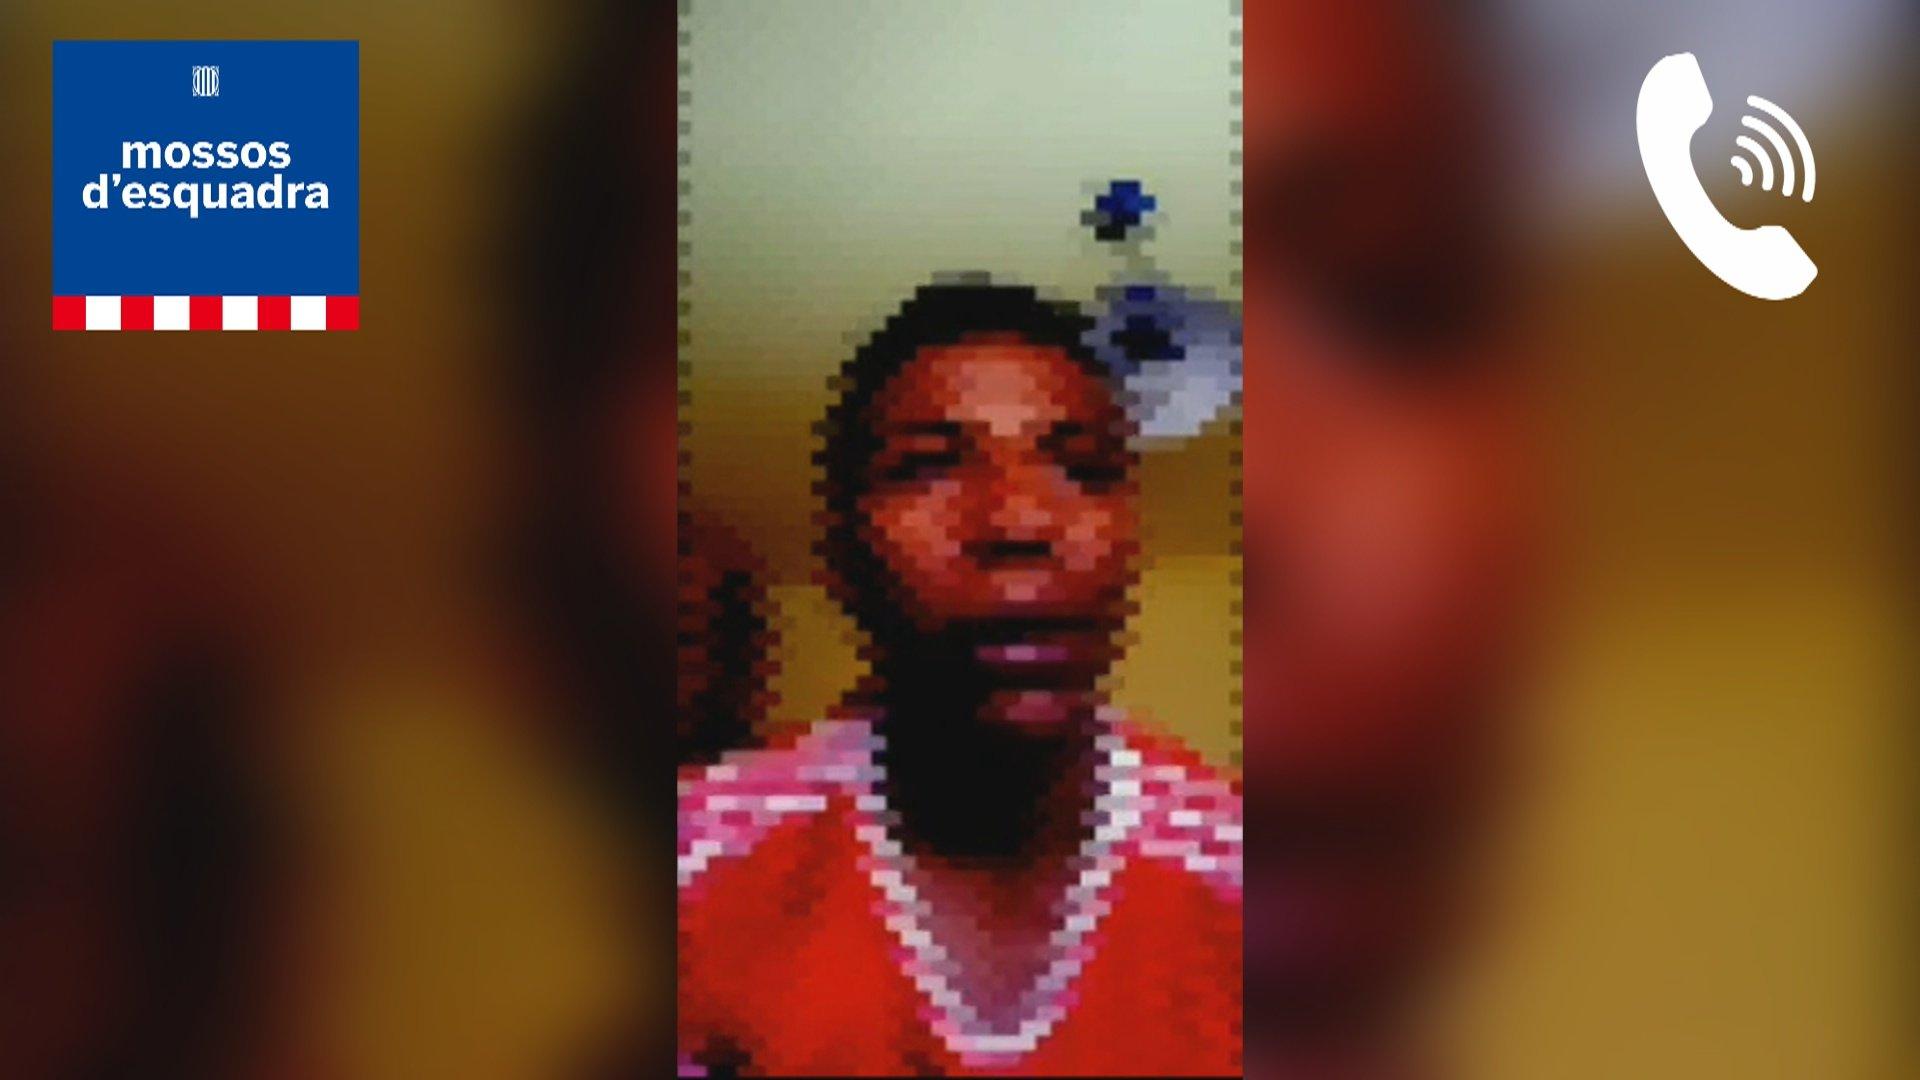 Wubi, un jove de 20 anys, és el testimoni explícit de l'agressió po